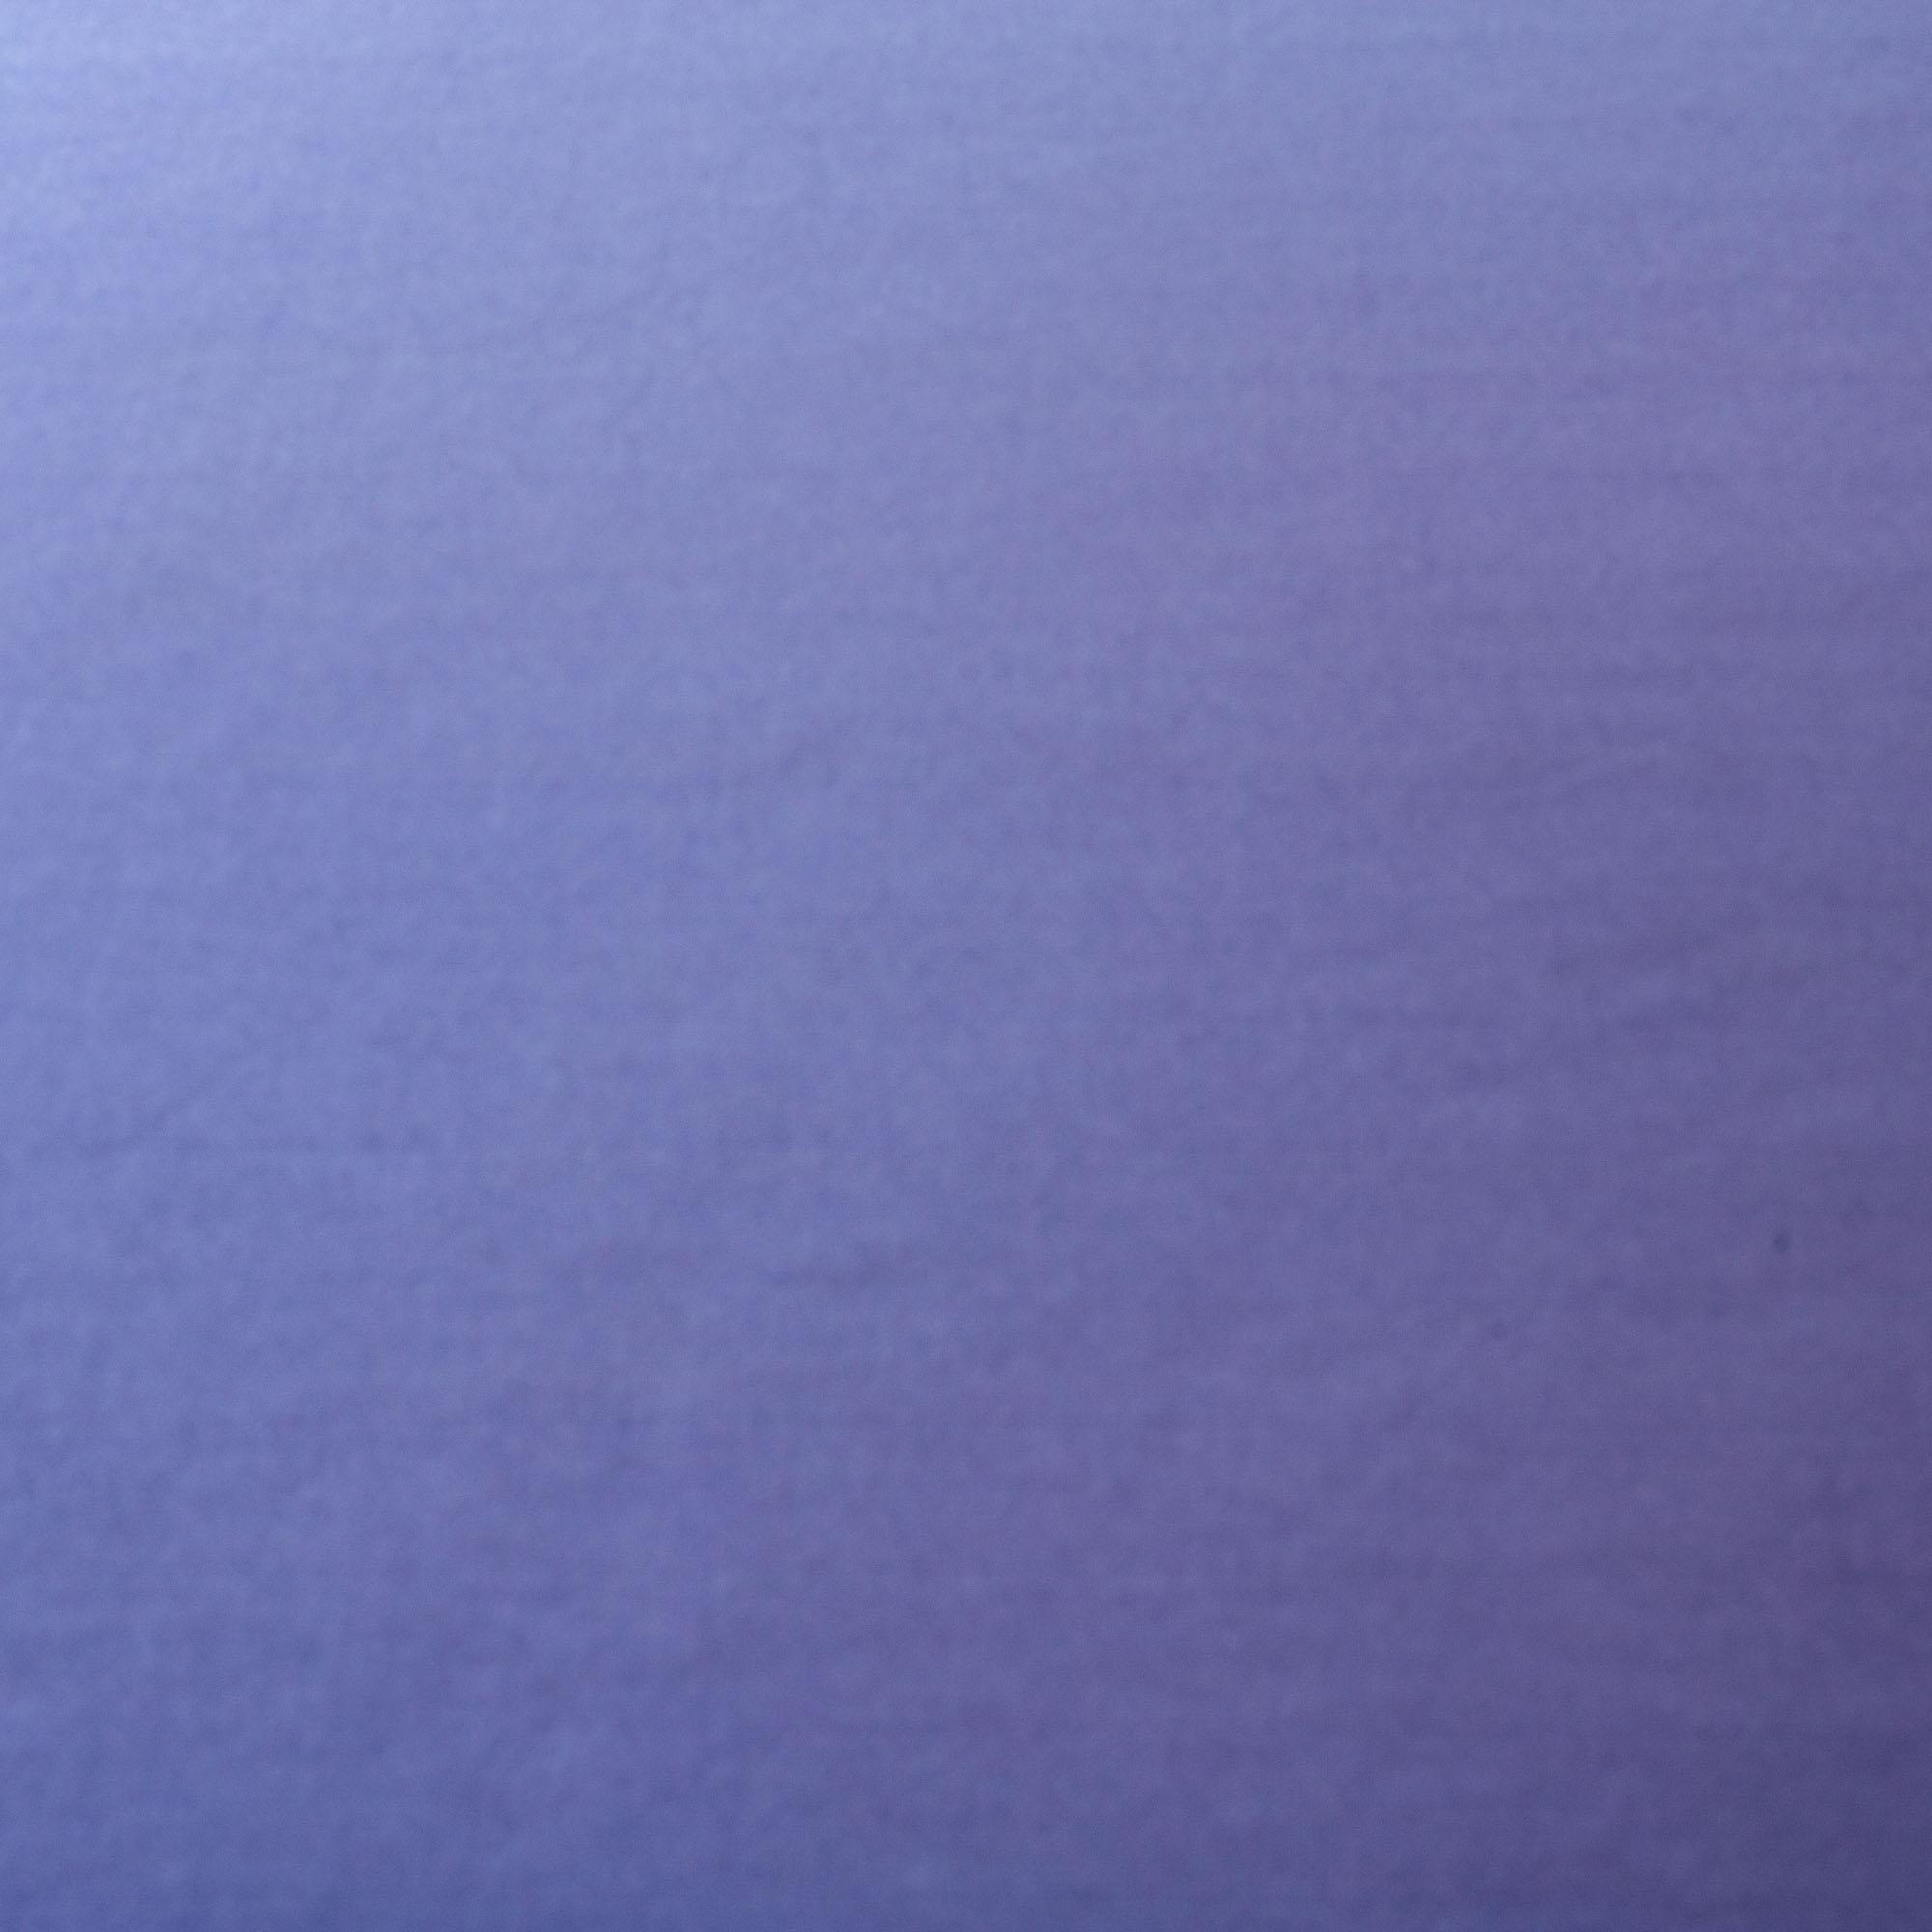 Tecido Malha Helanca Light 100% Poliester 1,80 Mt Largura Azul Noite